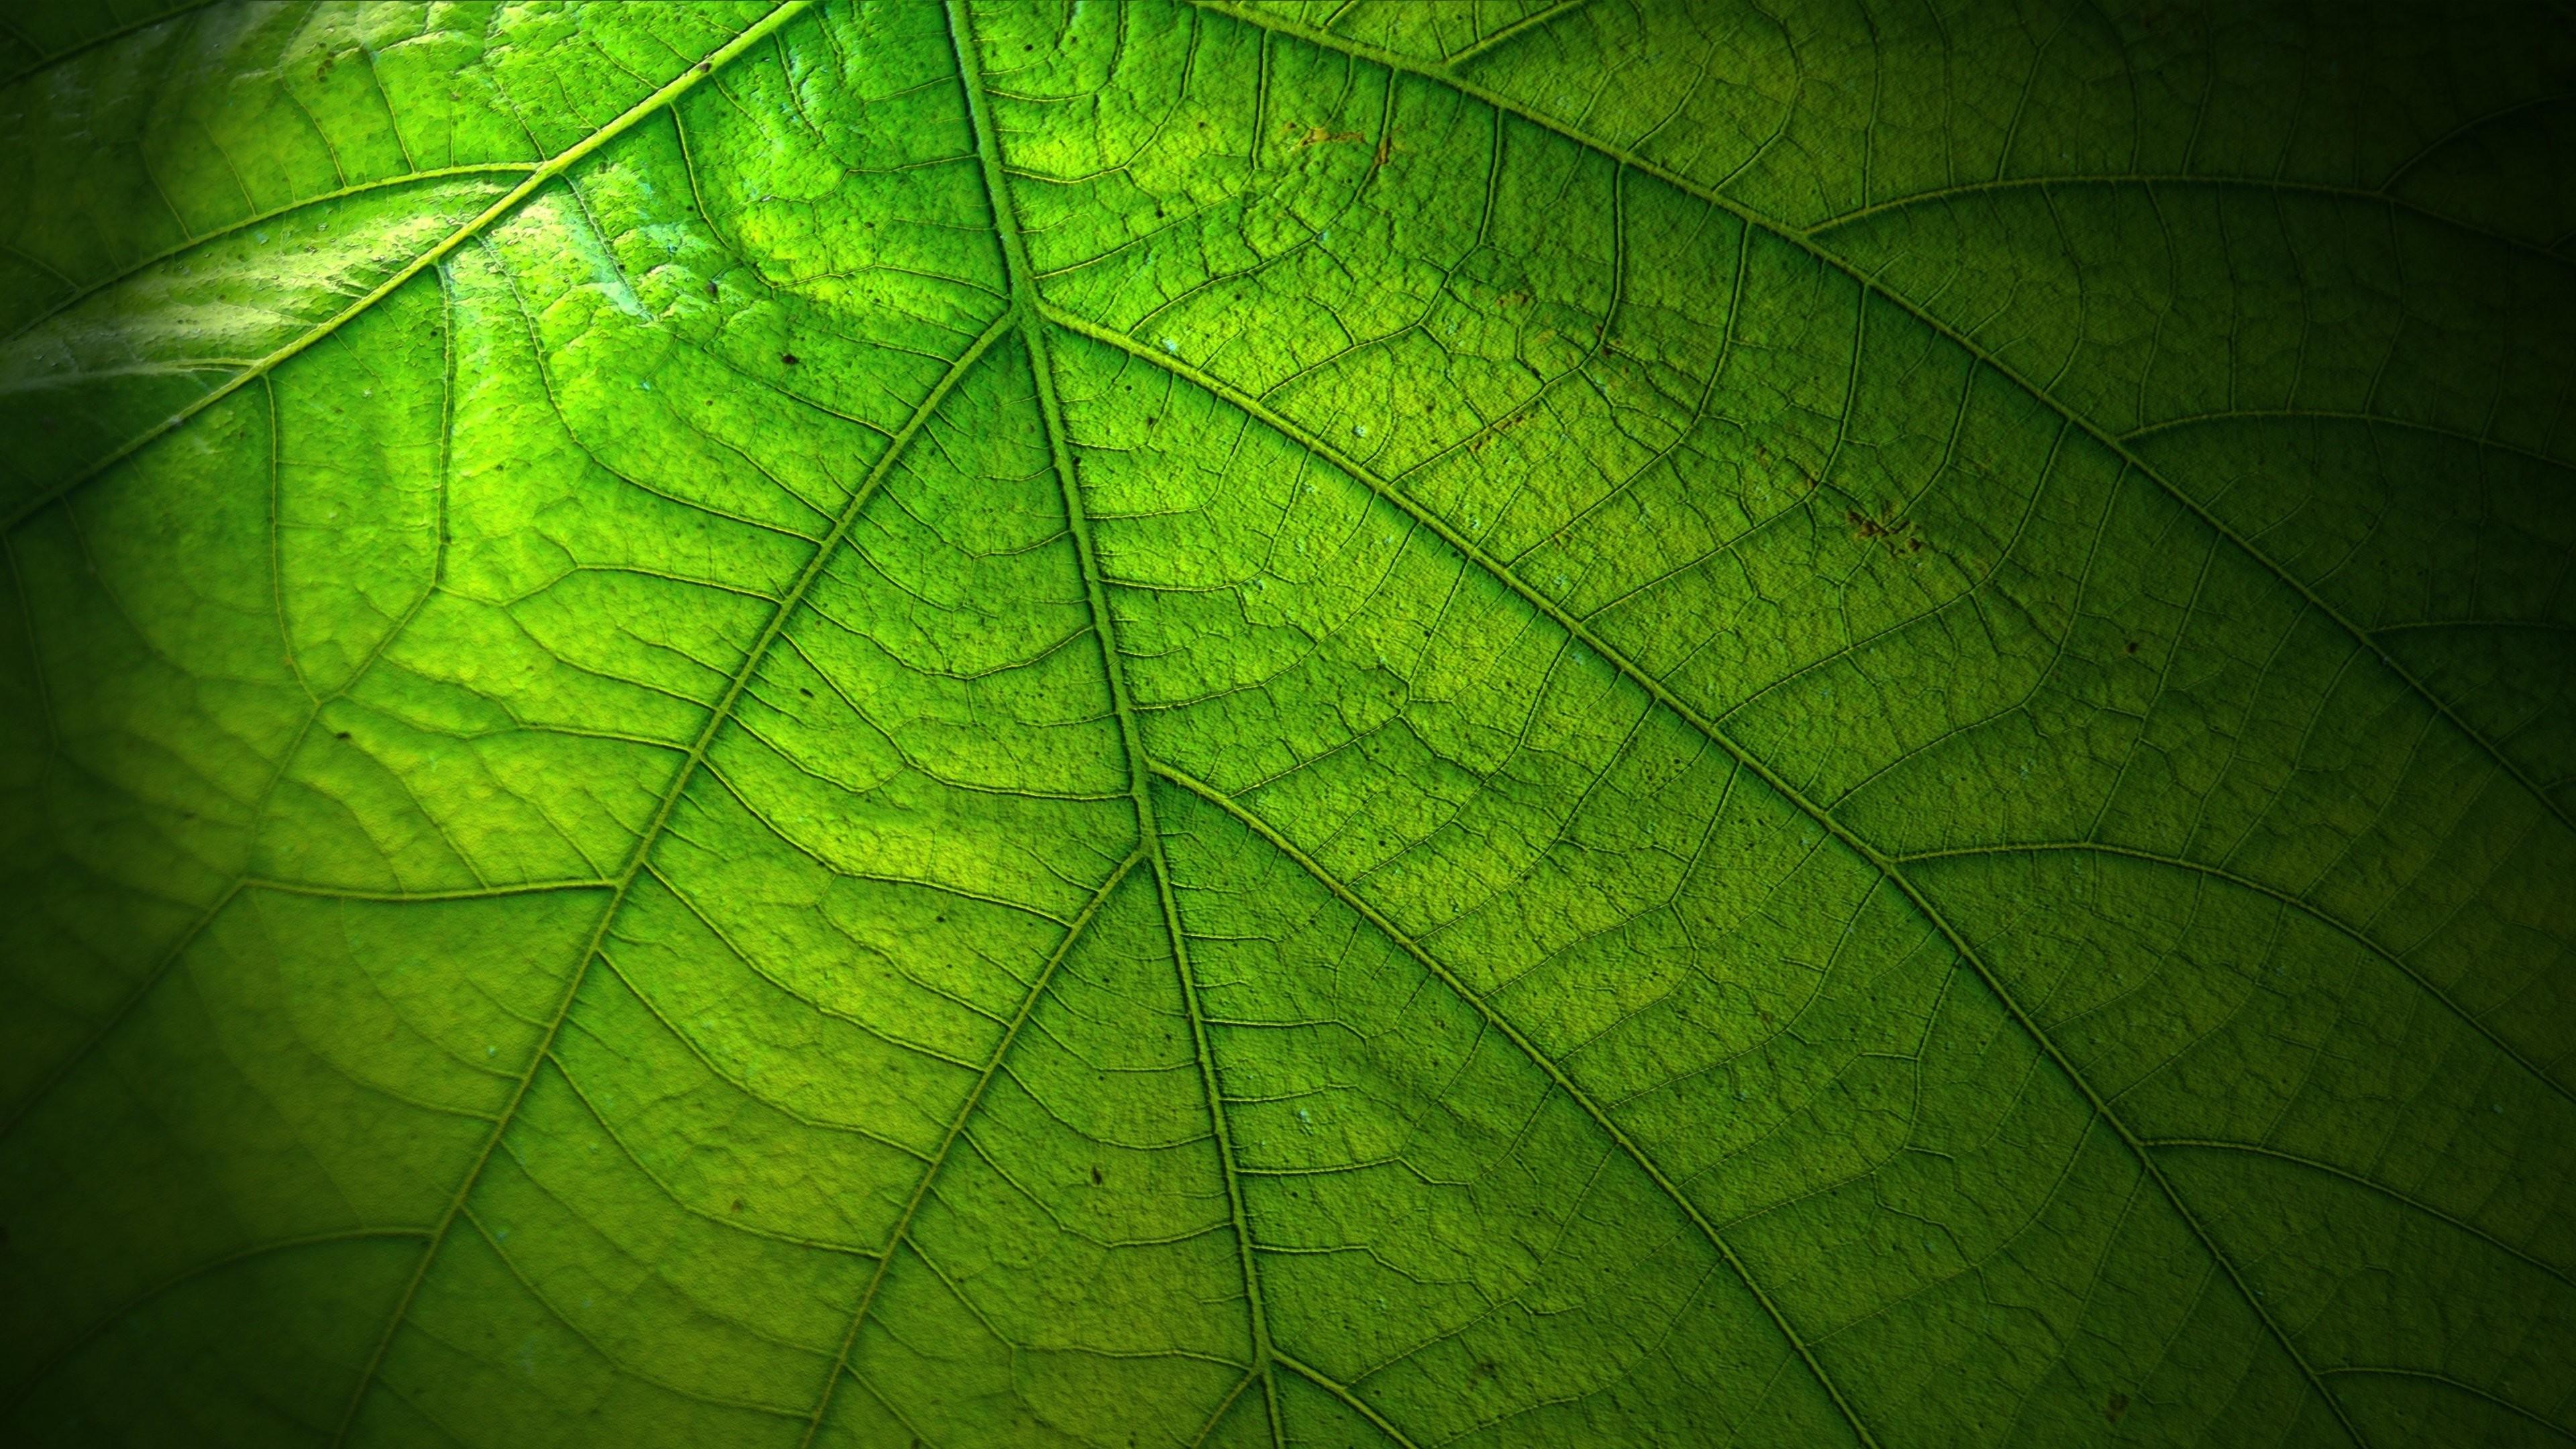 Leaf Wallpaper 58 Images